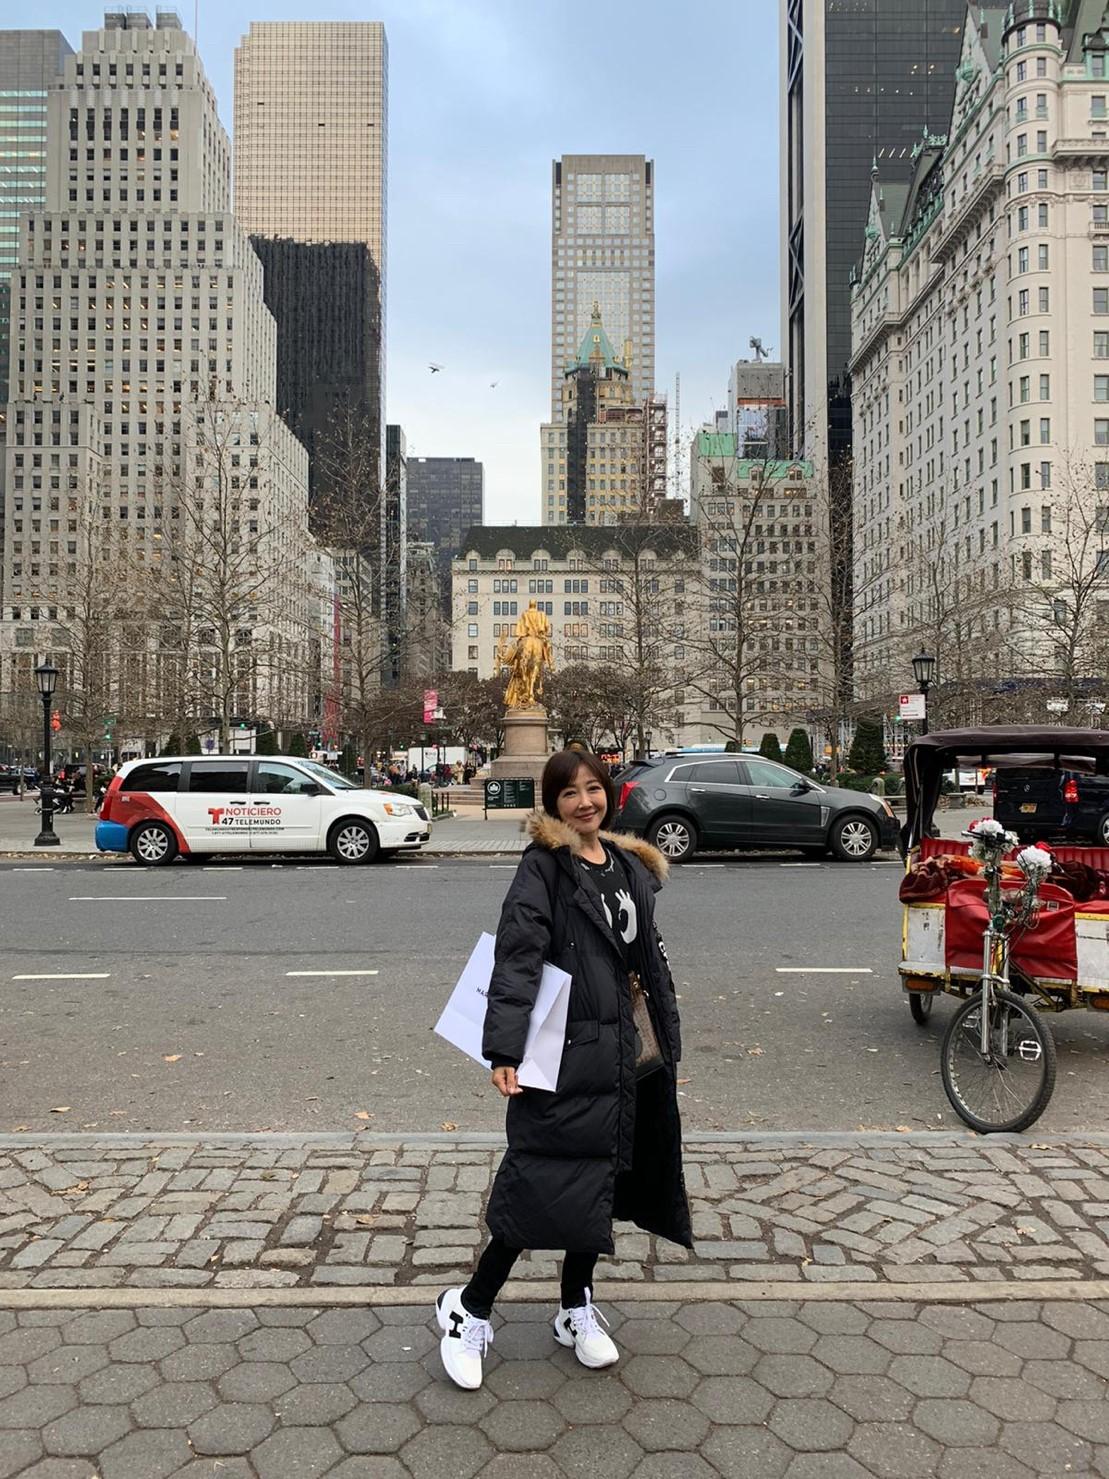 ▲造訪美國知名景點的余皓然,形容自己心情像小孩到了大城市一樣興奮。